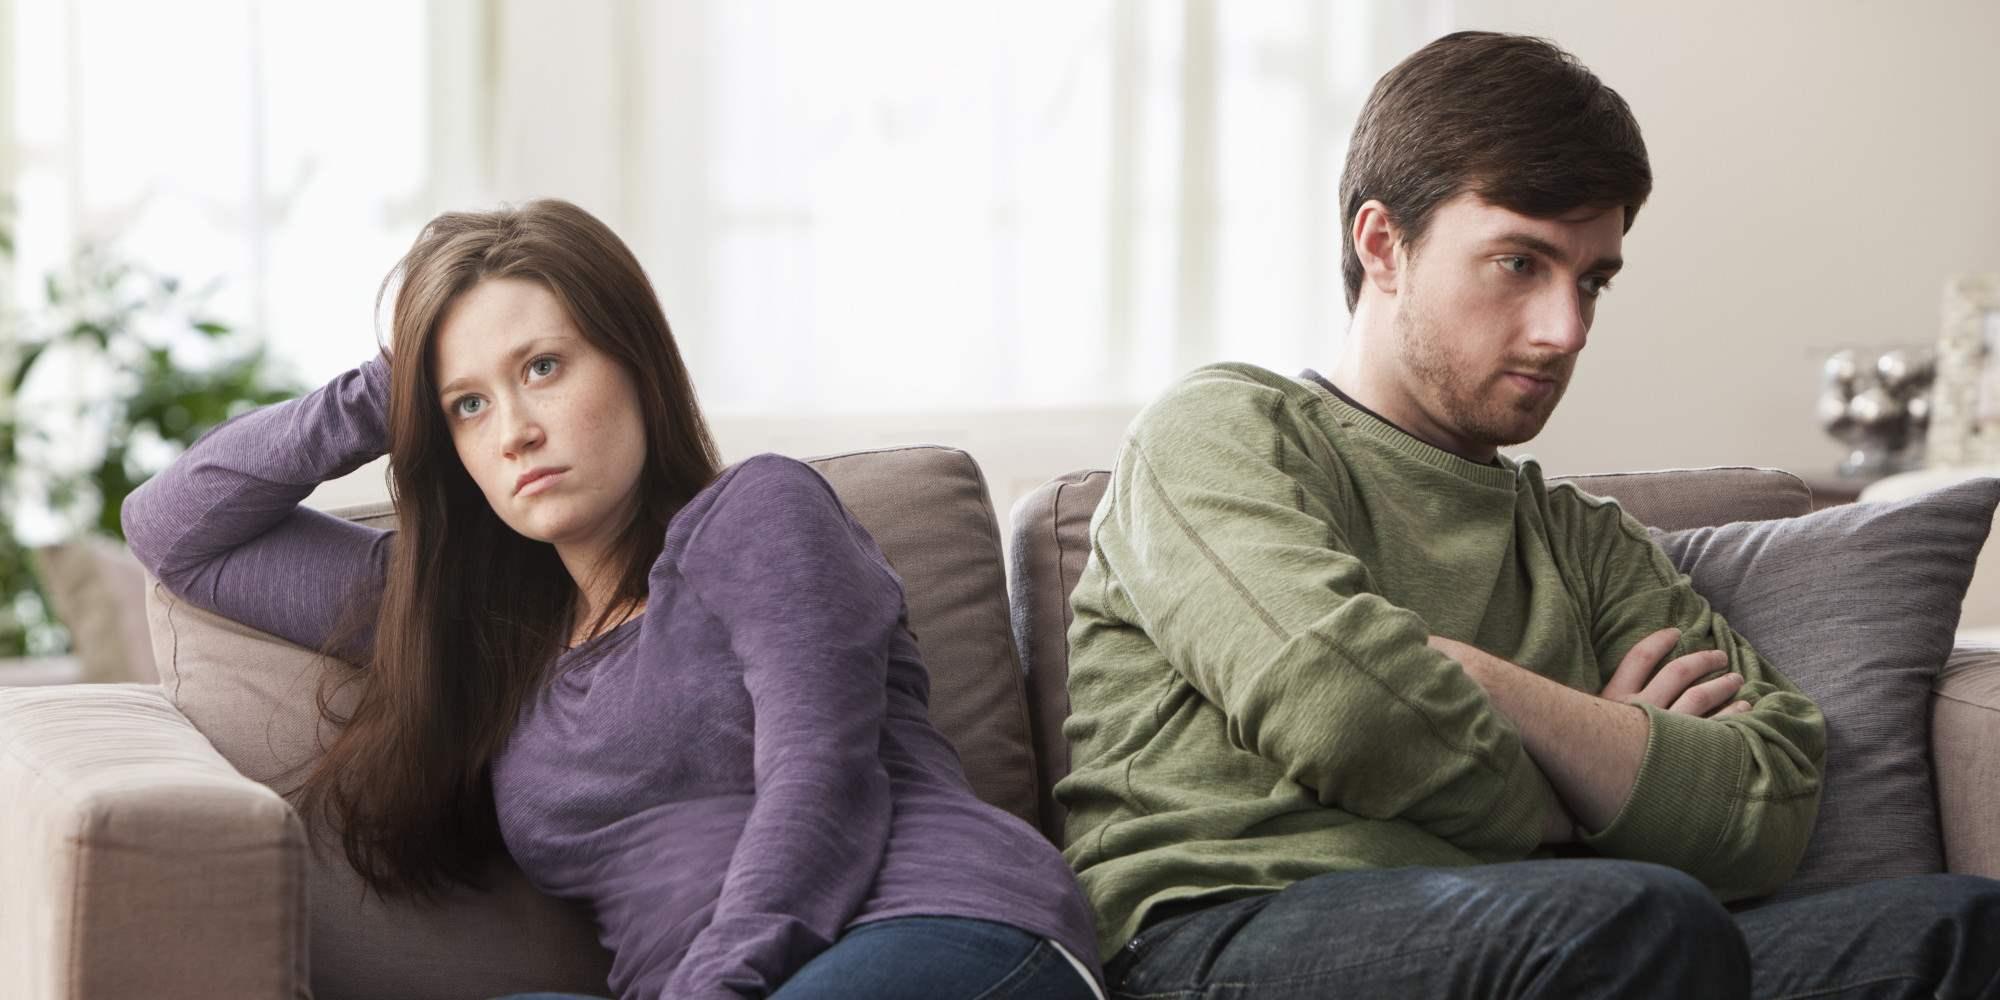 İlişkileri Düzeltmek İçin Önce Kendinizi Düzeltin